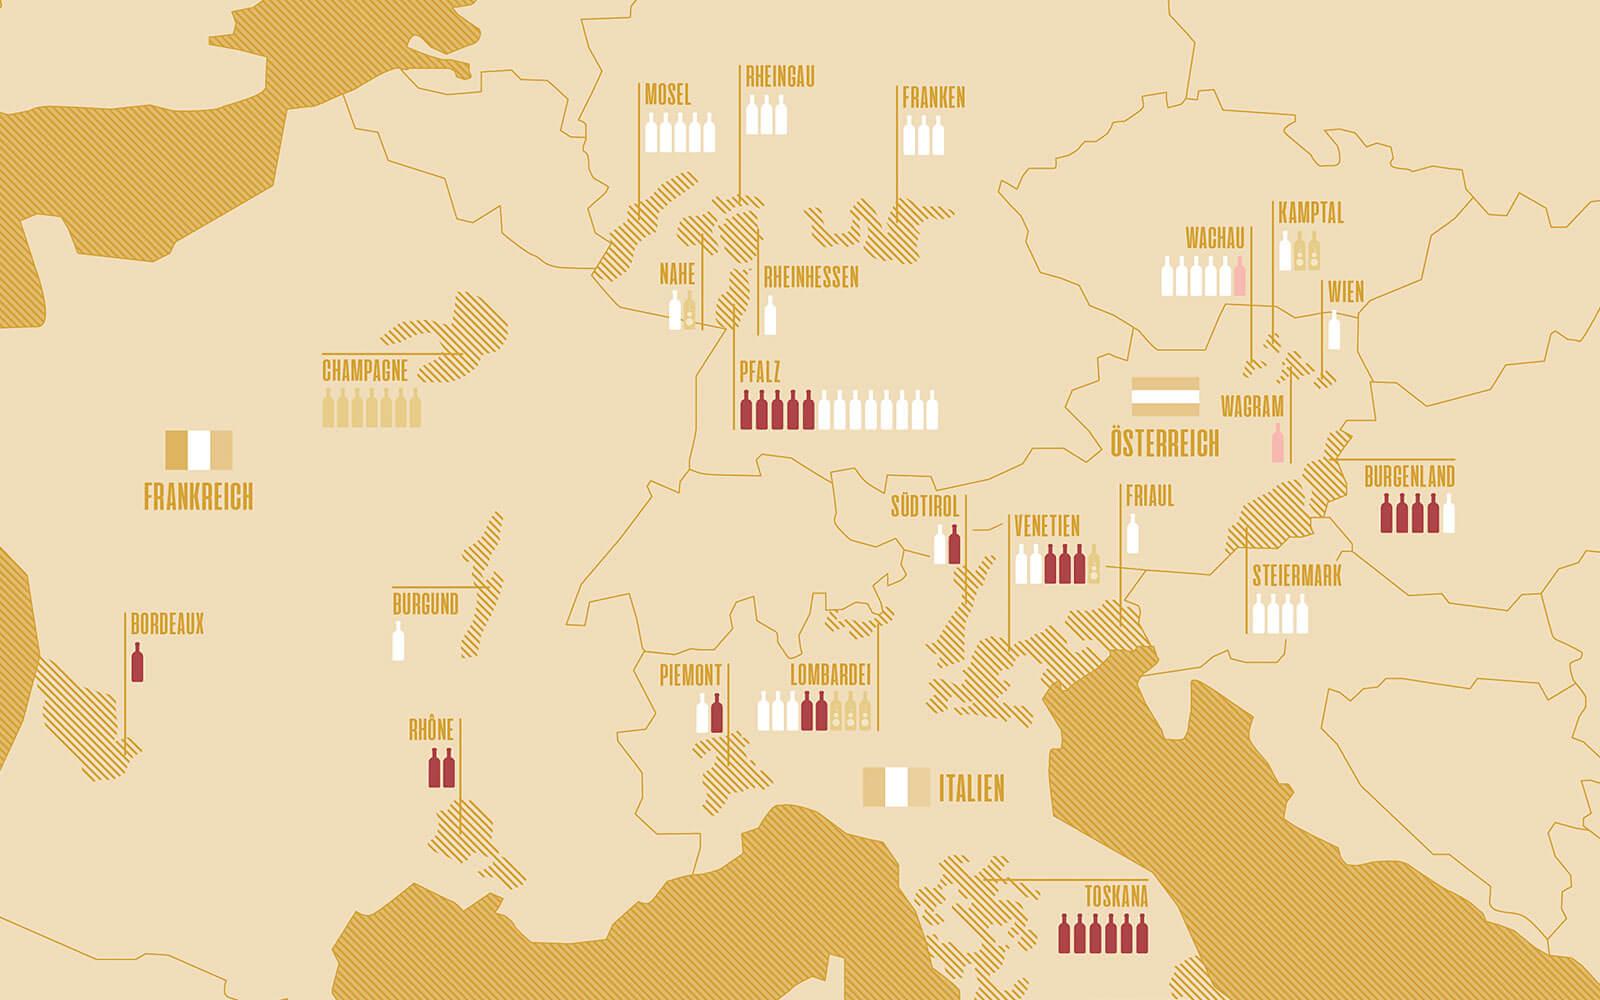 TONI's Weinkarte – Detailansicht der Übersichtskarte